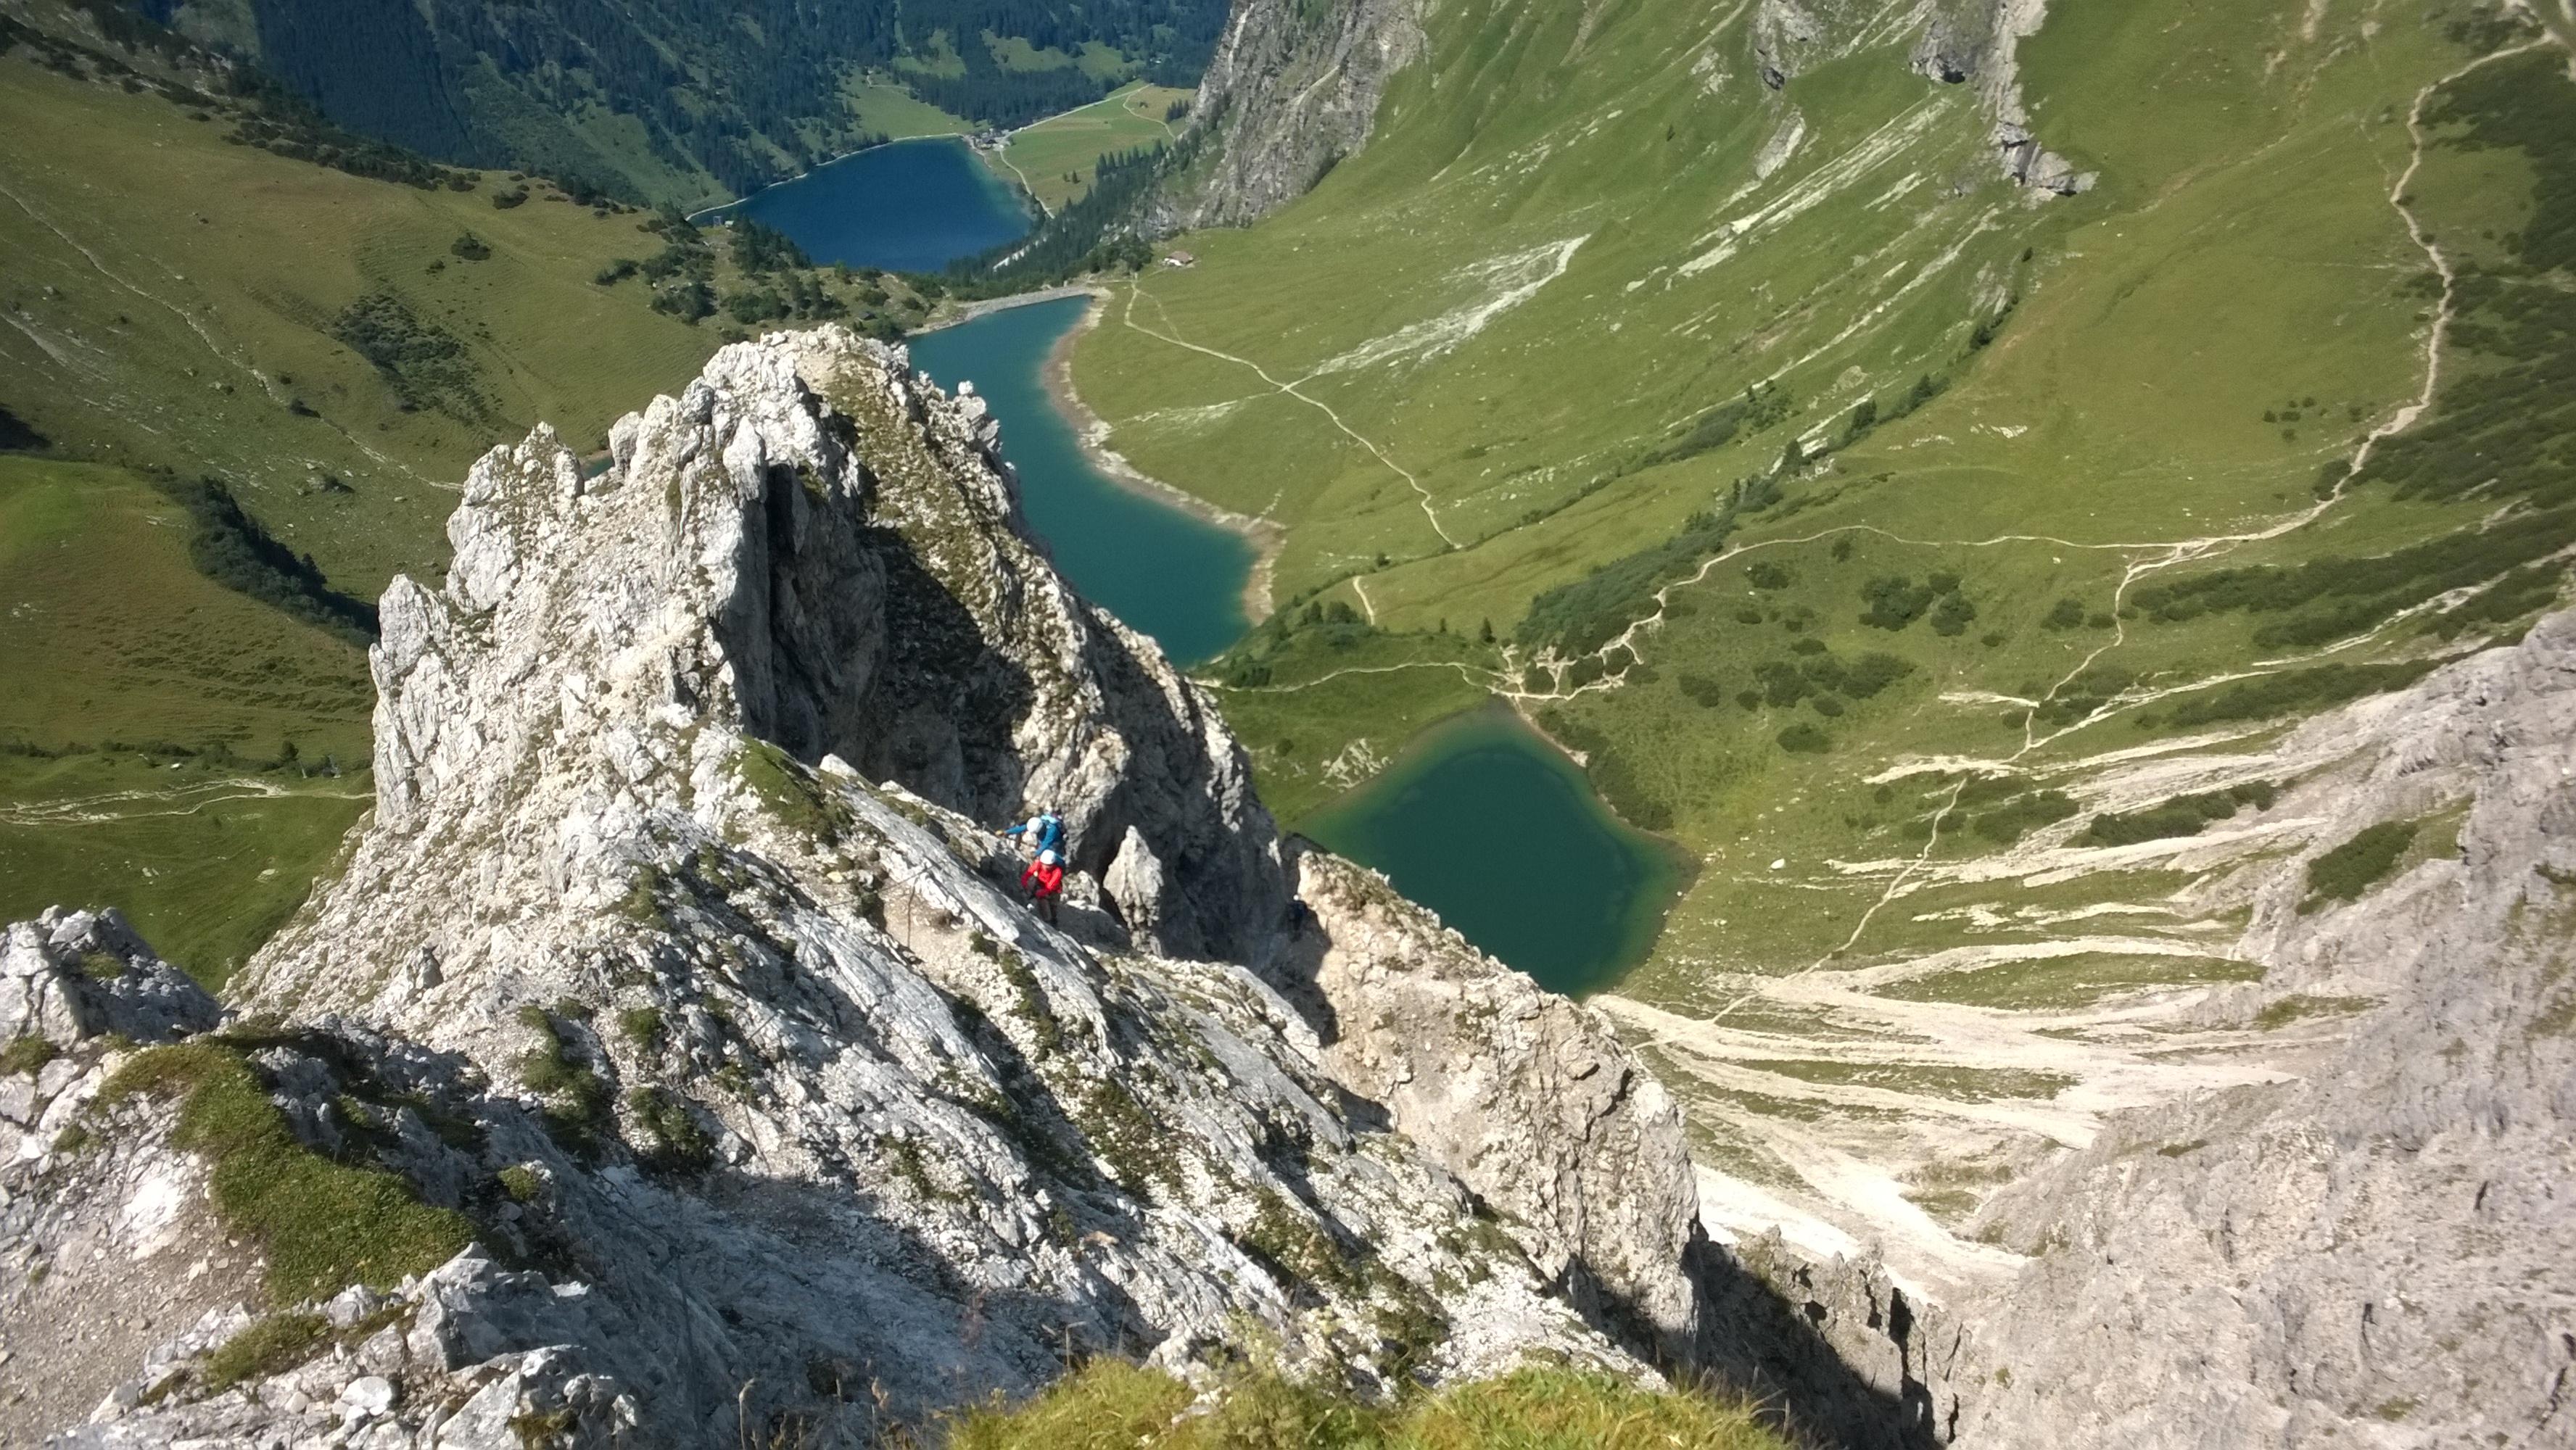 Klettersteig Lachenspitze Bilder : Klettersteig tourentipp lachenspitze alps magazine